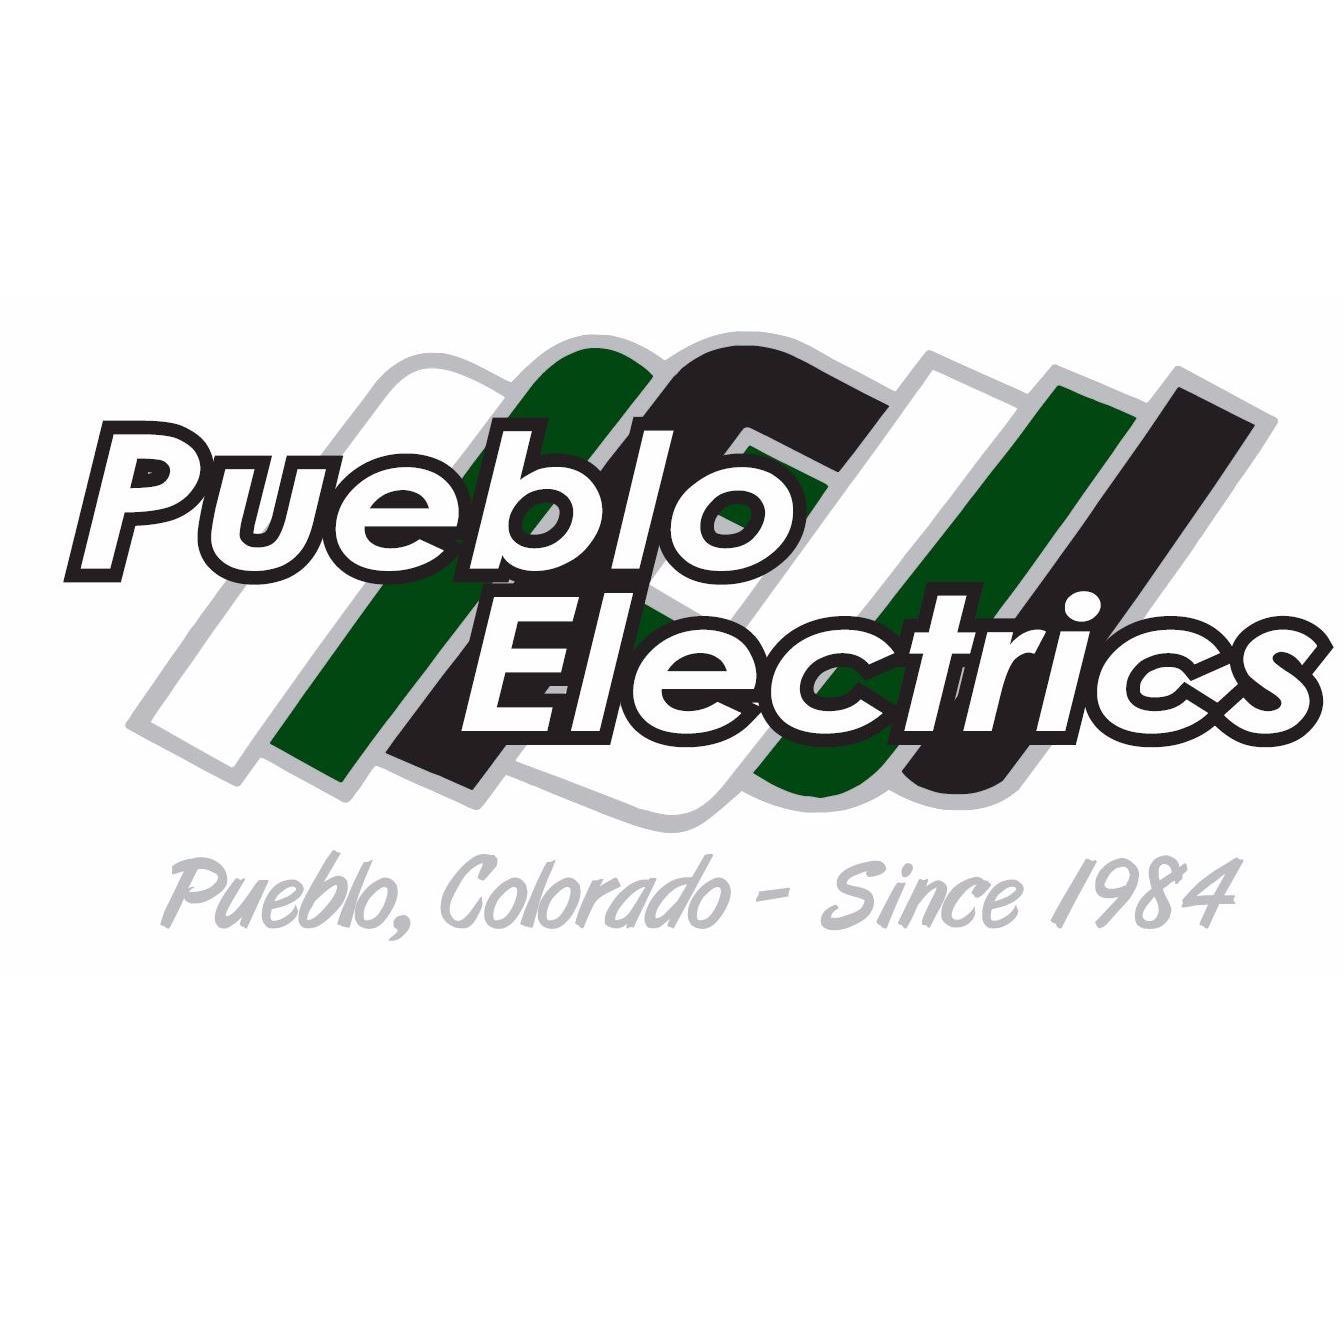 Pueblo Electrics Inc E Abriendo Ave Pueblo Co